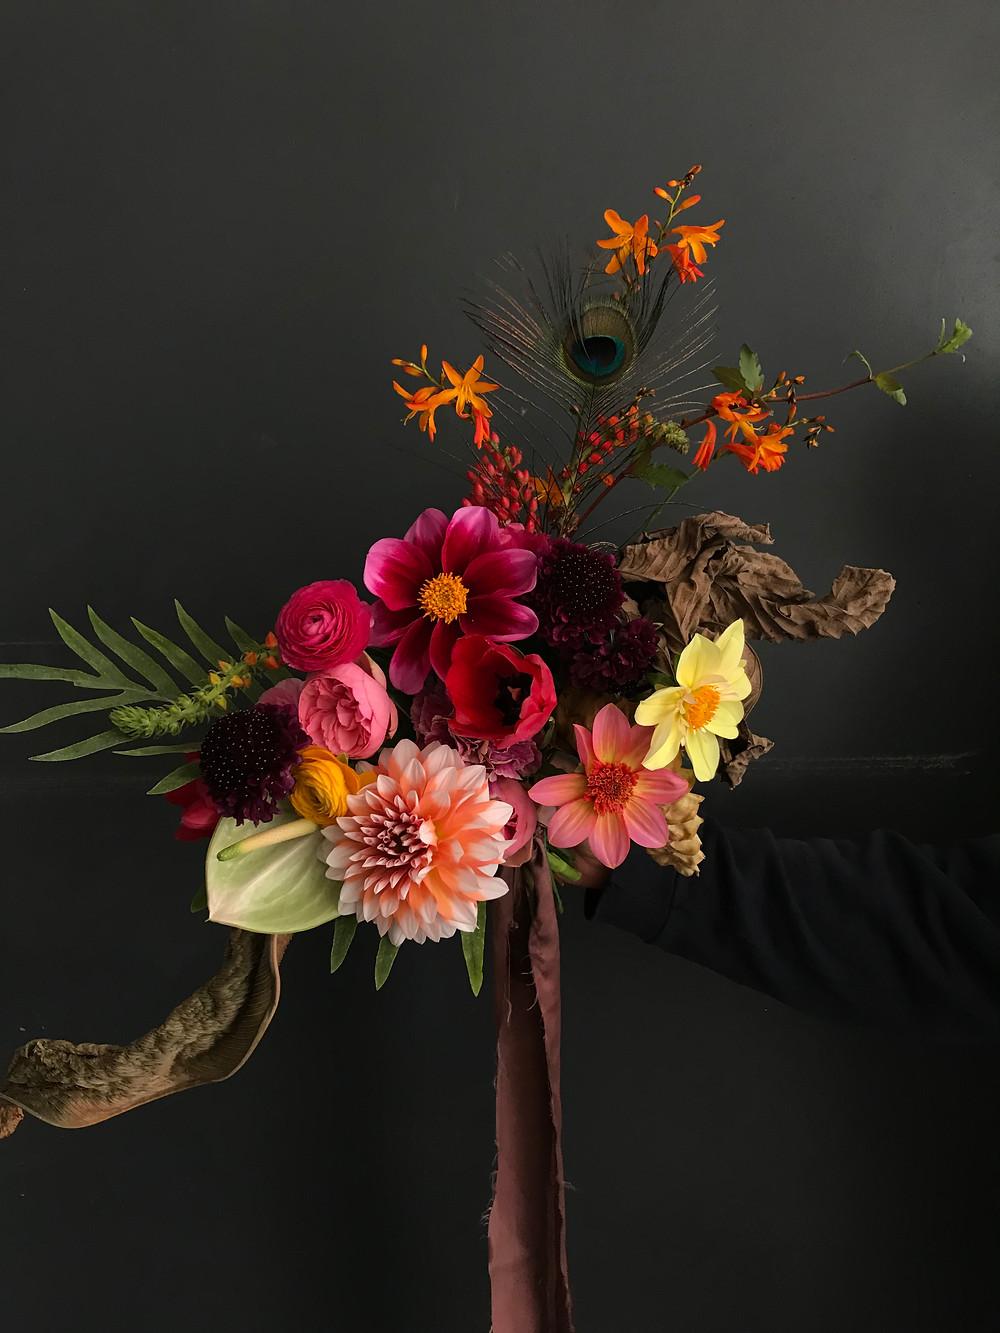 Best Bridal Bouquet - Casa Delirio flores - bouquet with dahlias